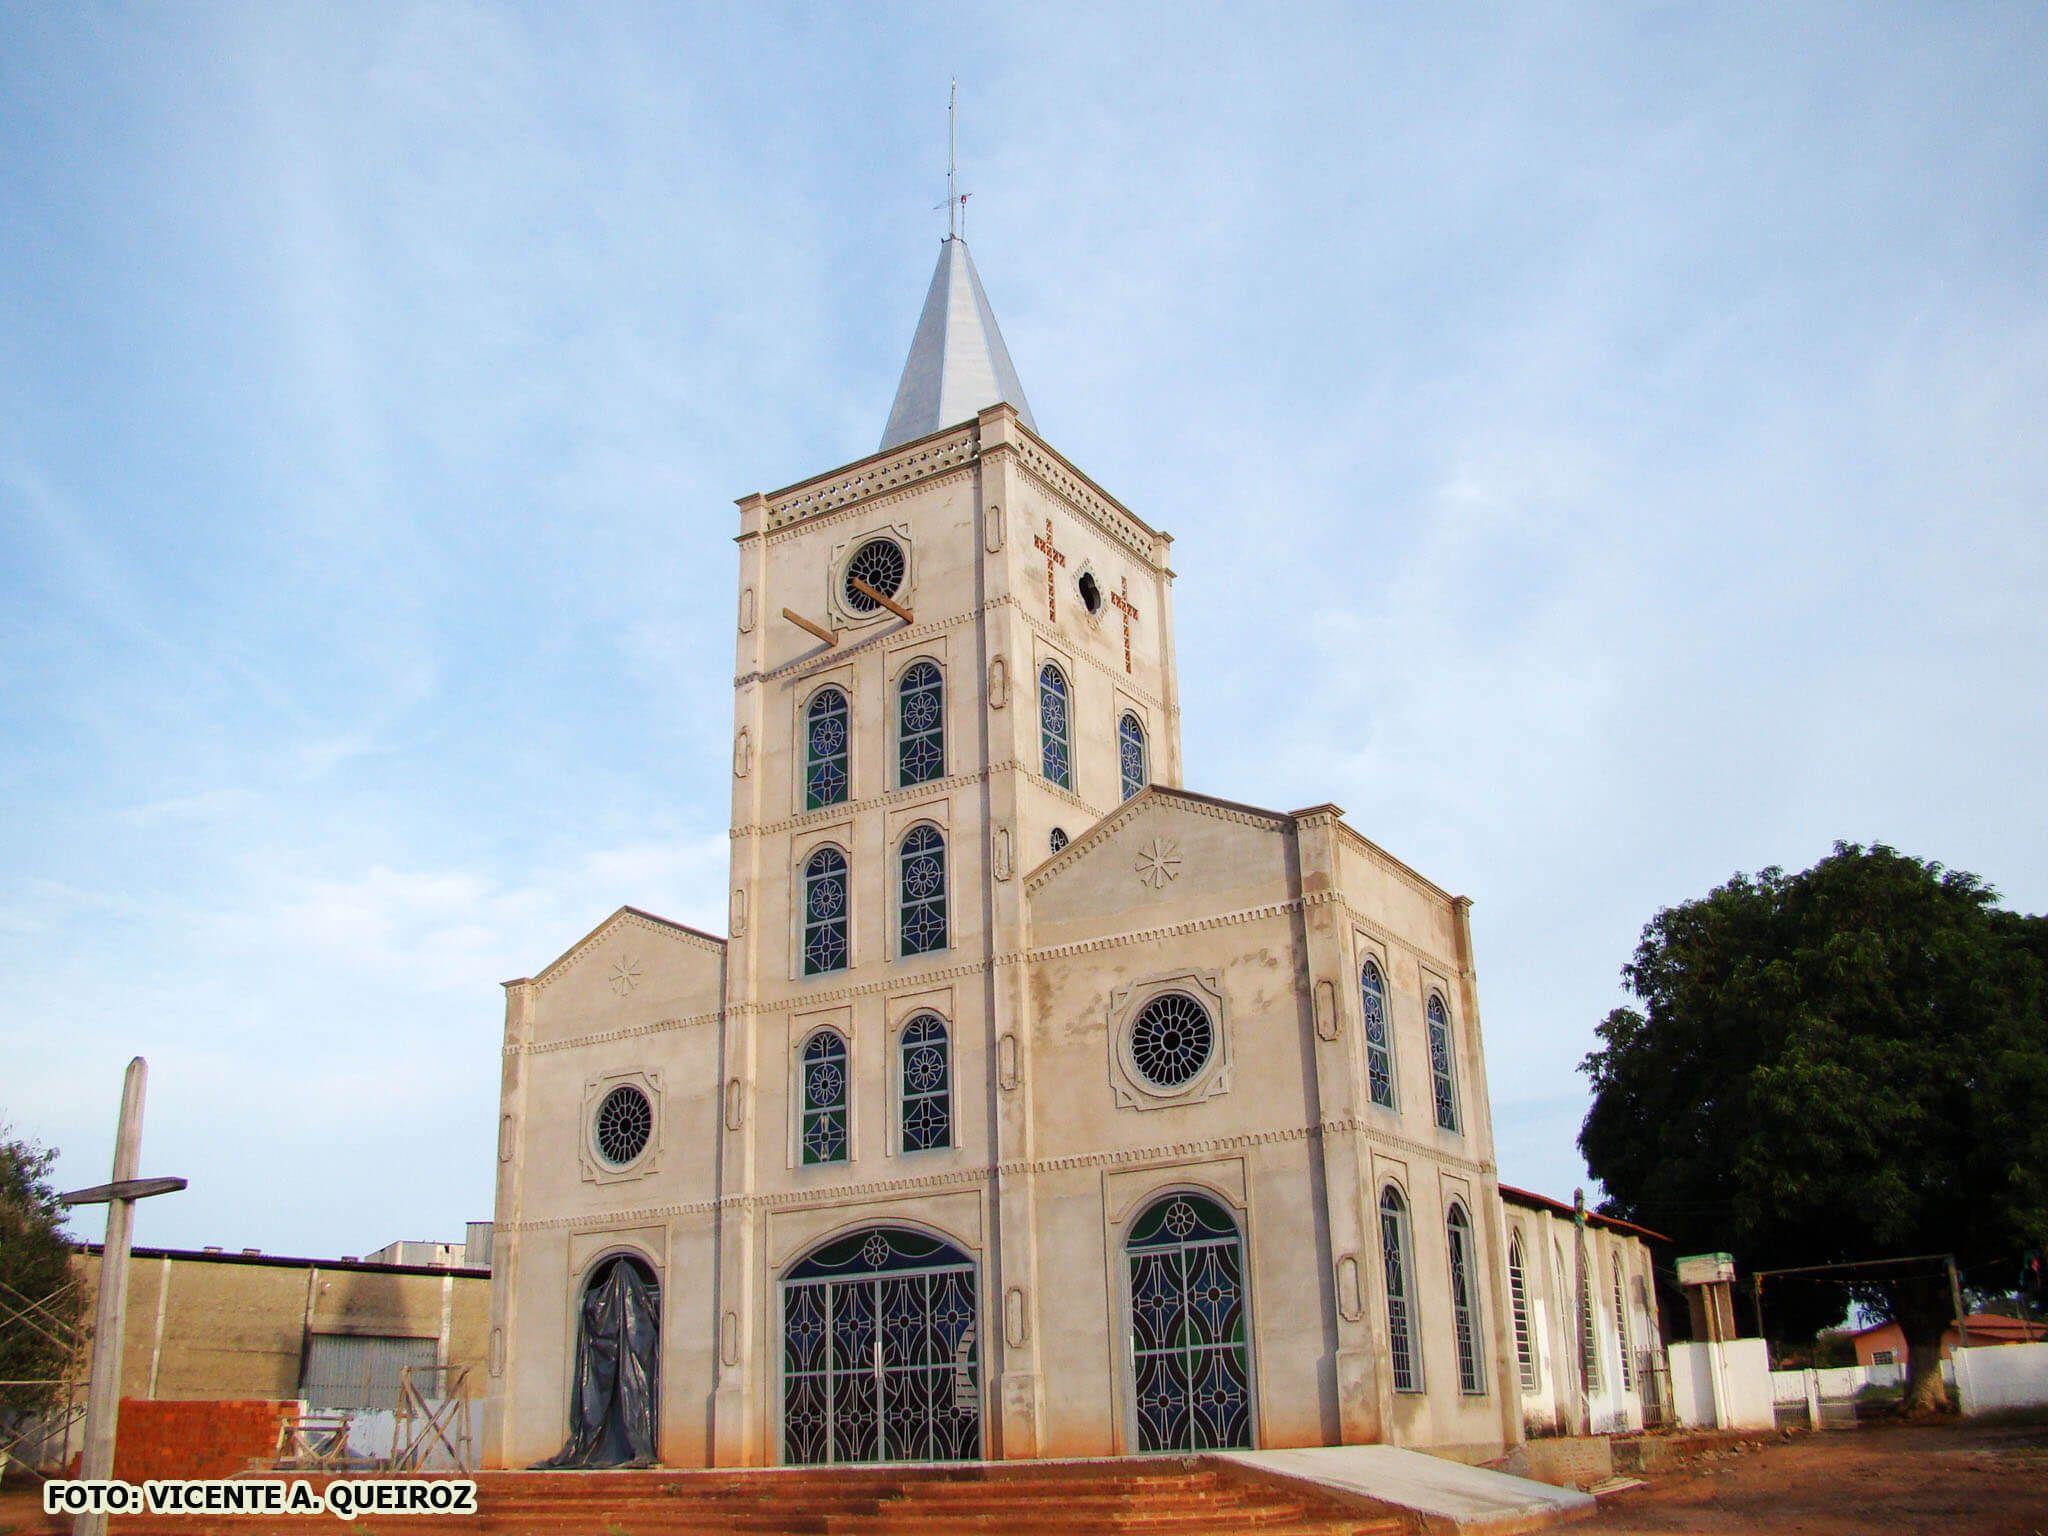 Novo Planalto Goiás fonte: i.pinimg.com